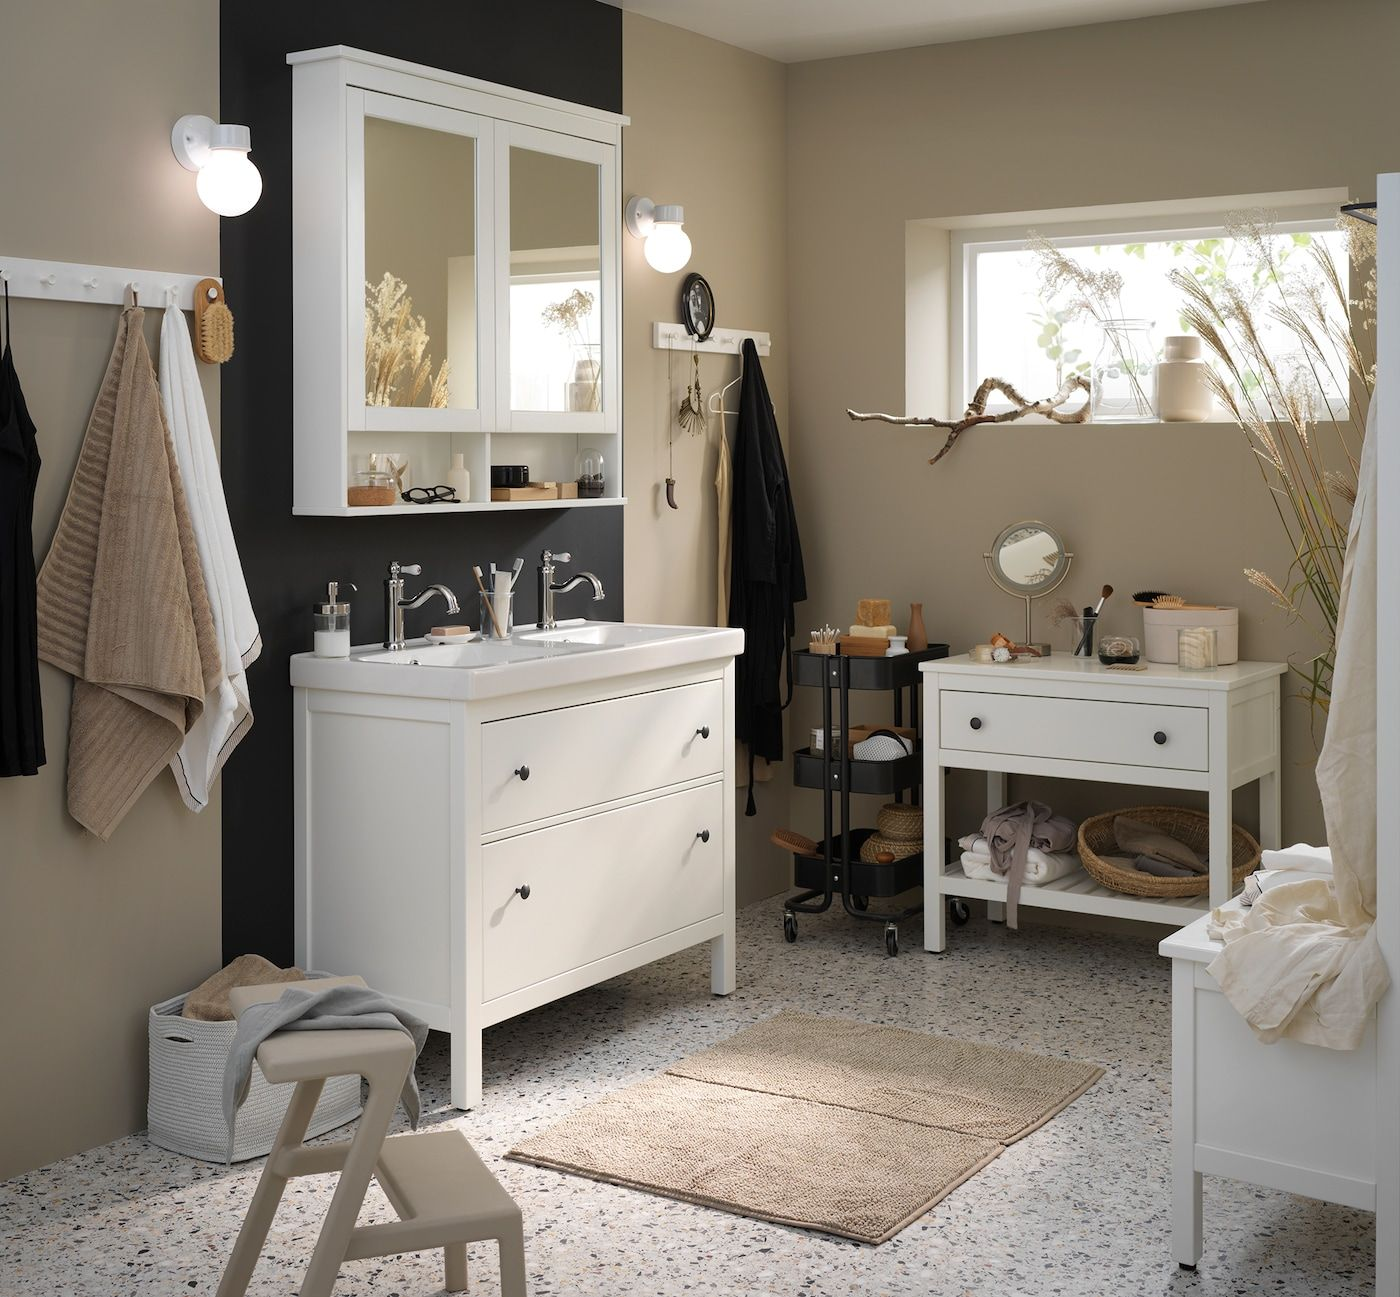 Bad Mit Hemnes Serie Modern Einrichten In 2020 Ikea Badezimmer Badezimmer Badezimmer Einrichtung